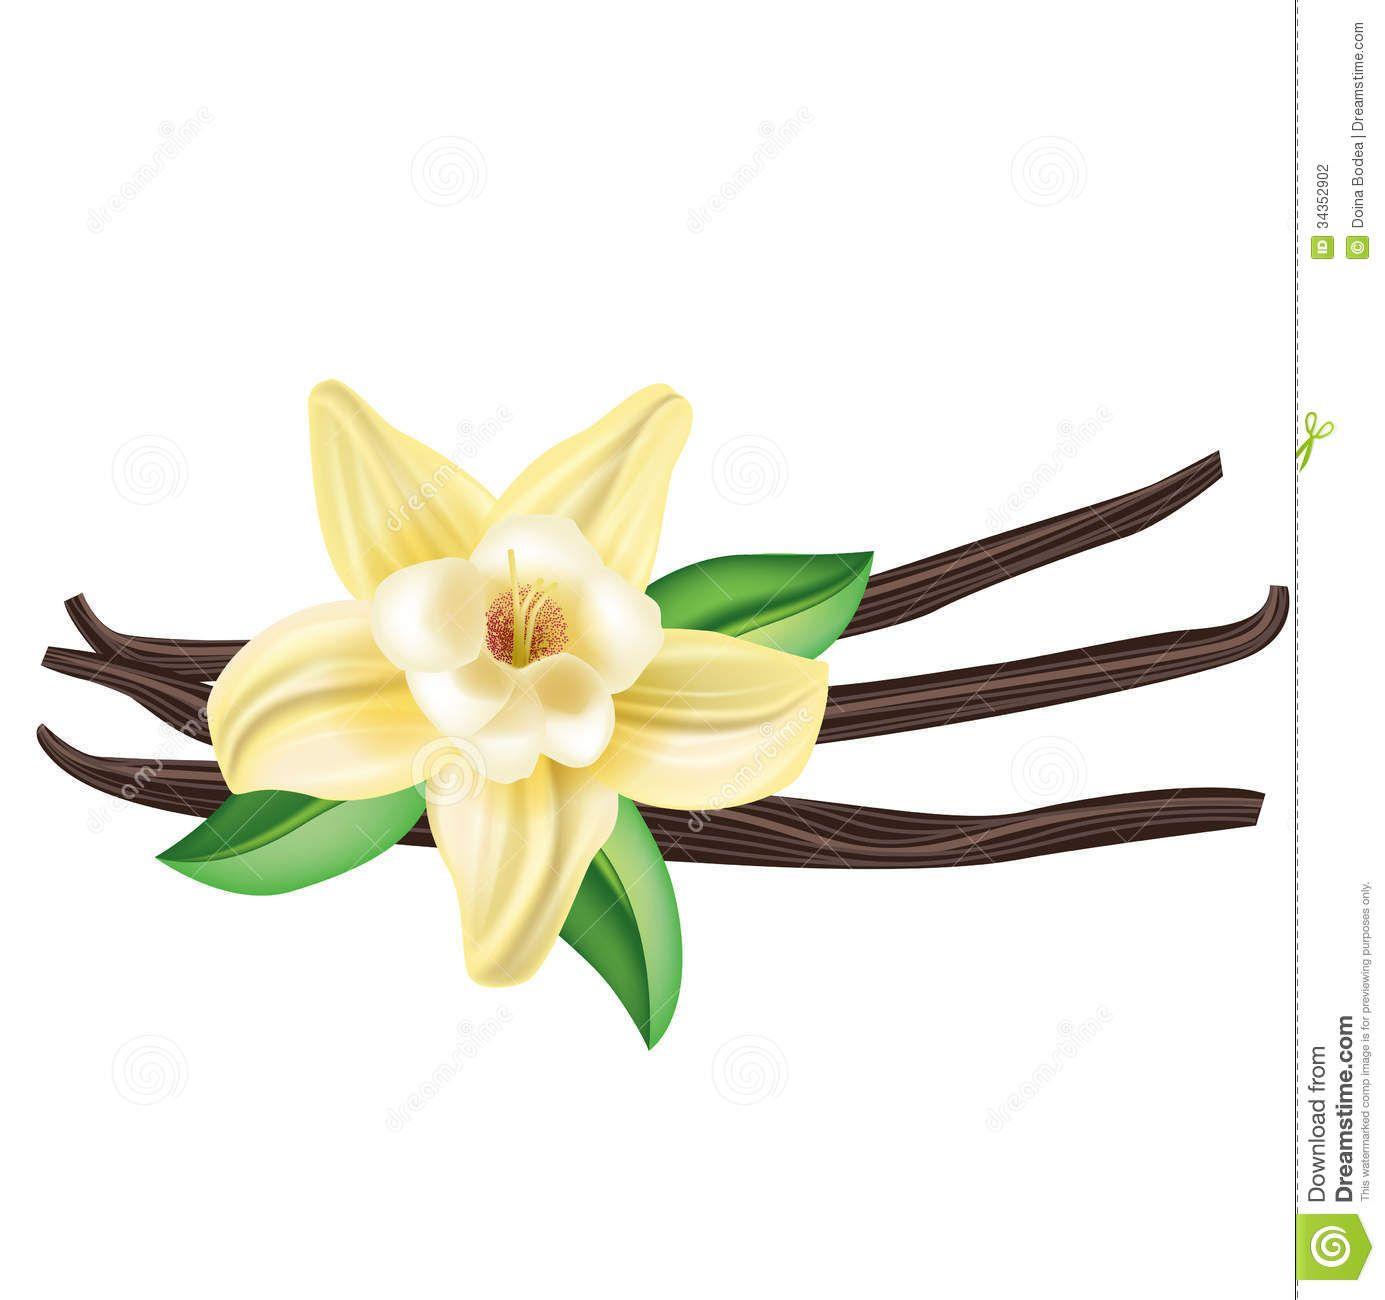 Vanilla Clipart Vanilla Flower Drawing Vanilla Bean Flower.